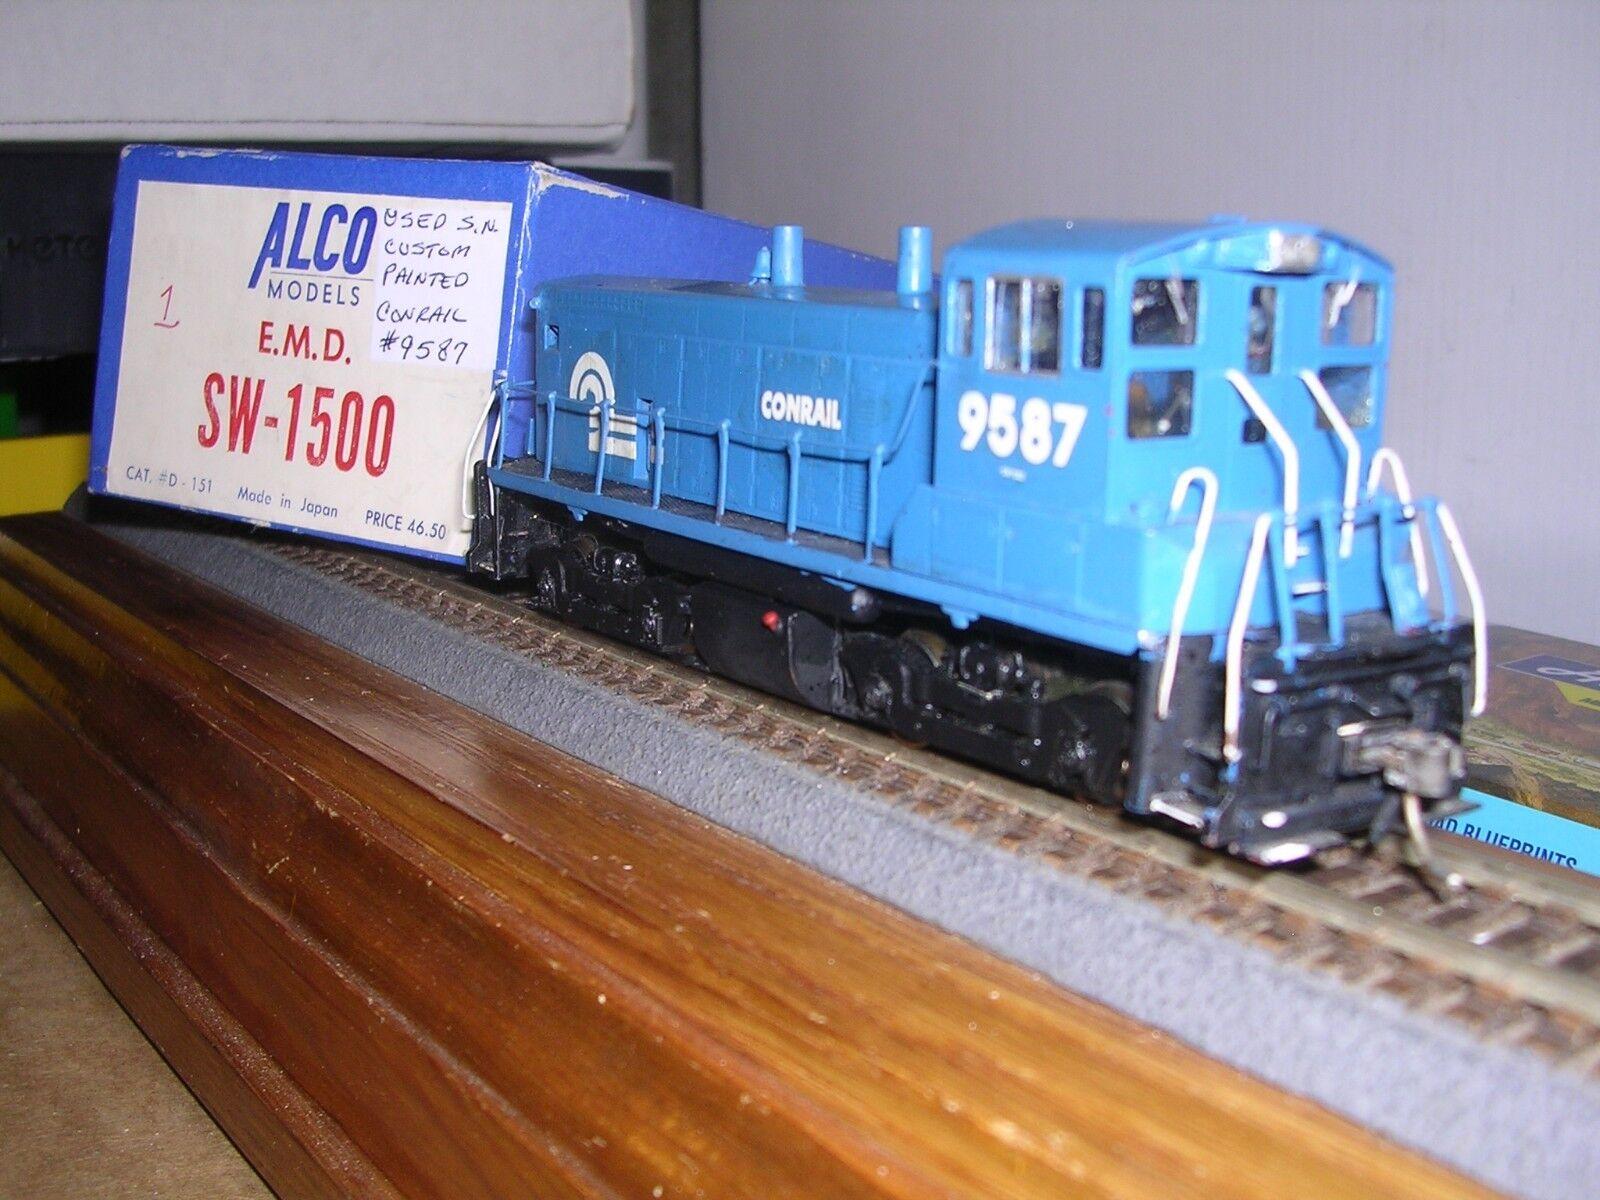 BRASS Alco Models  D-151  Conrail EMD SW-1500 Diesel Loco  9587 H.O. 1 87